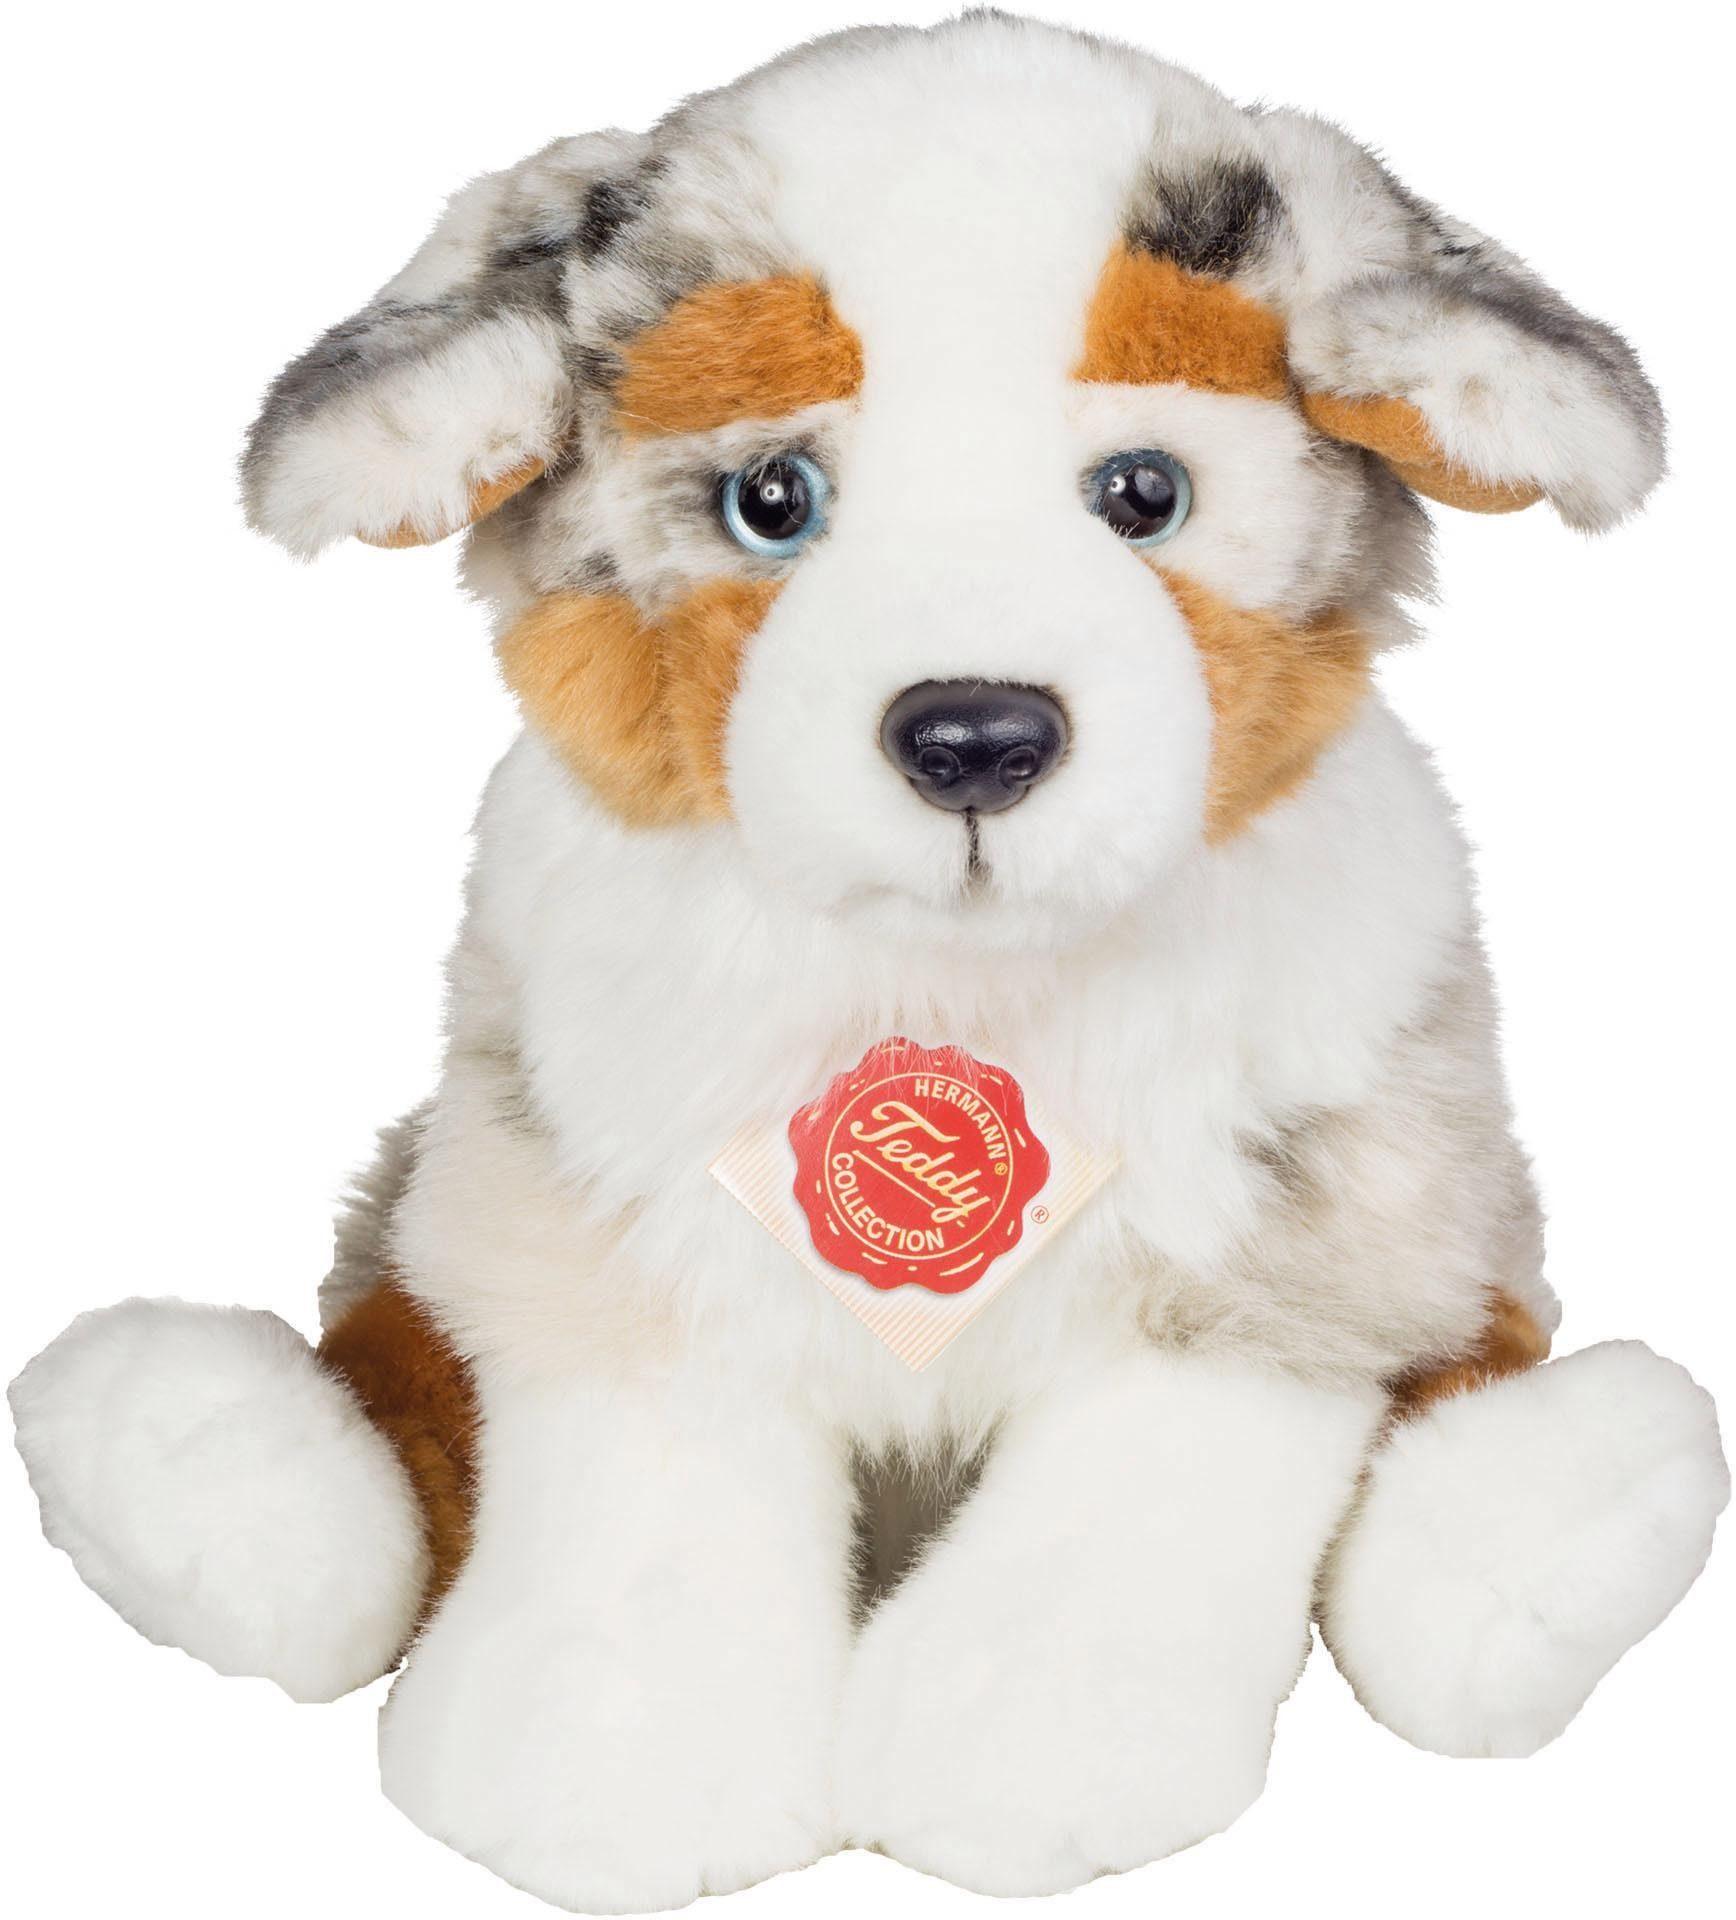 Teddy Hermann® COLLECTION Plüschtier Hund, »Australian Sheperd Welpe sitzend, 22 cm«